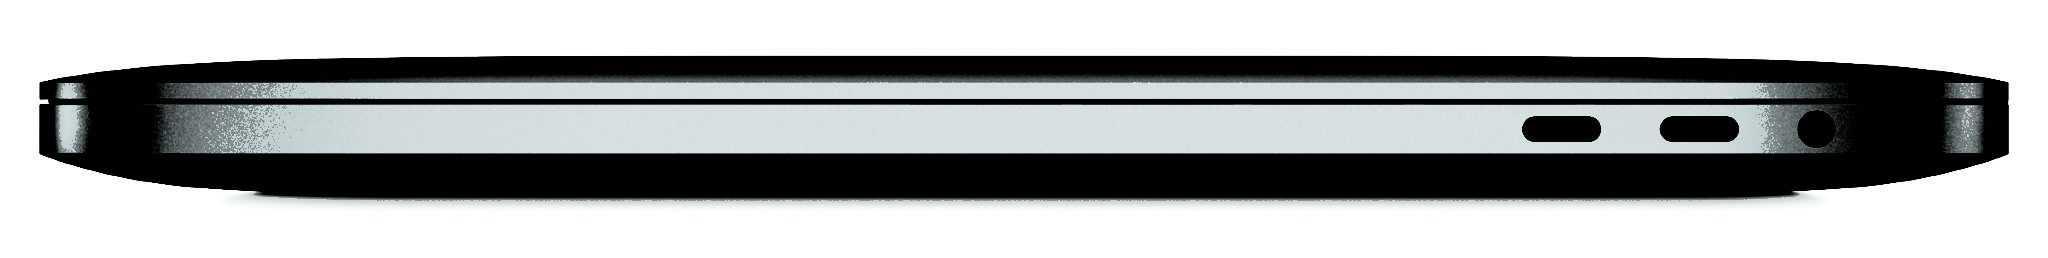 MacBook Pro USB-C and MiniJack Port